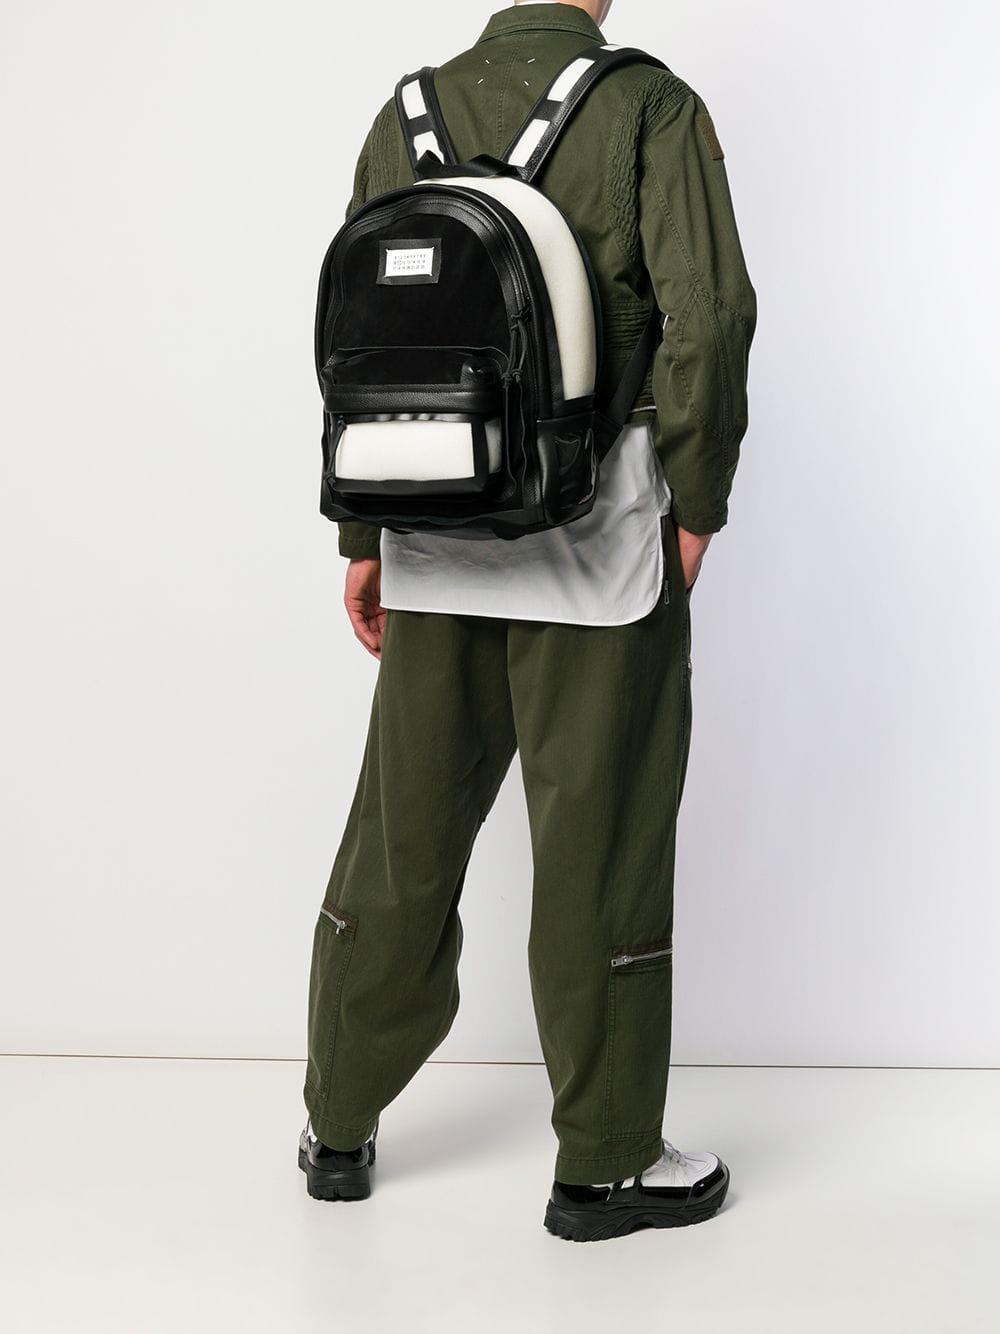 7bdddde476e27 Lyst - Maison Margiela Décortiqué Detailed Backpack in White for Men